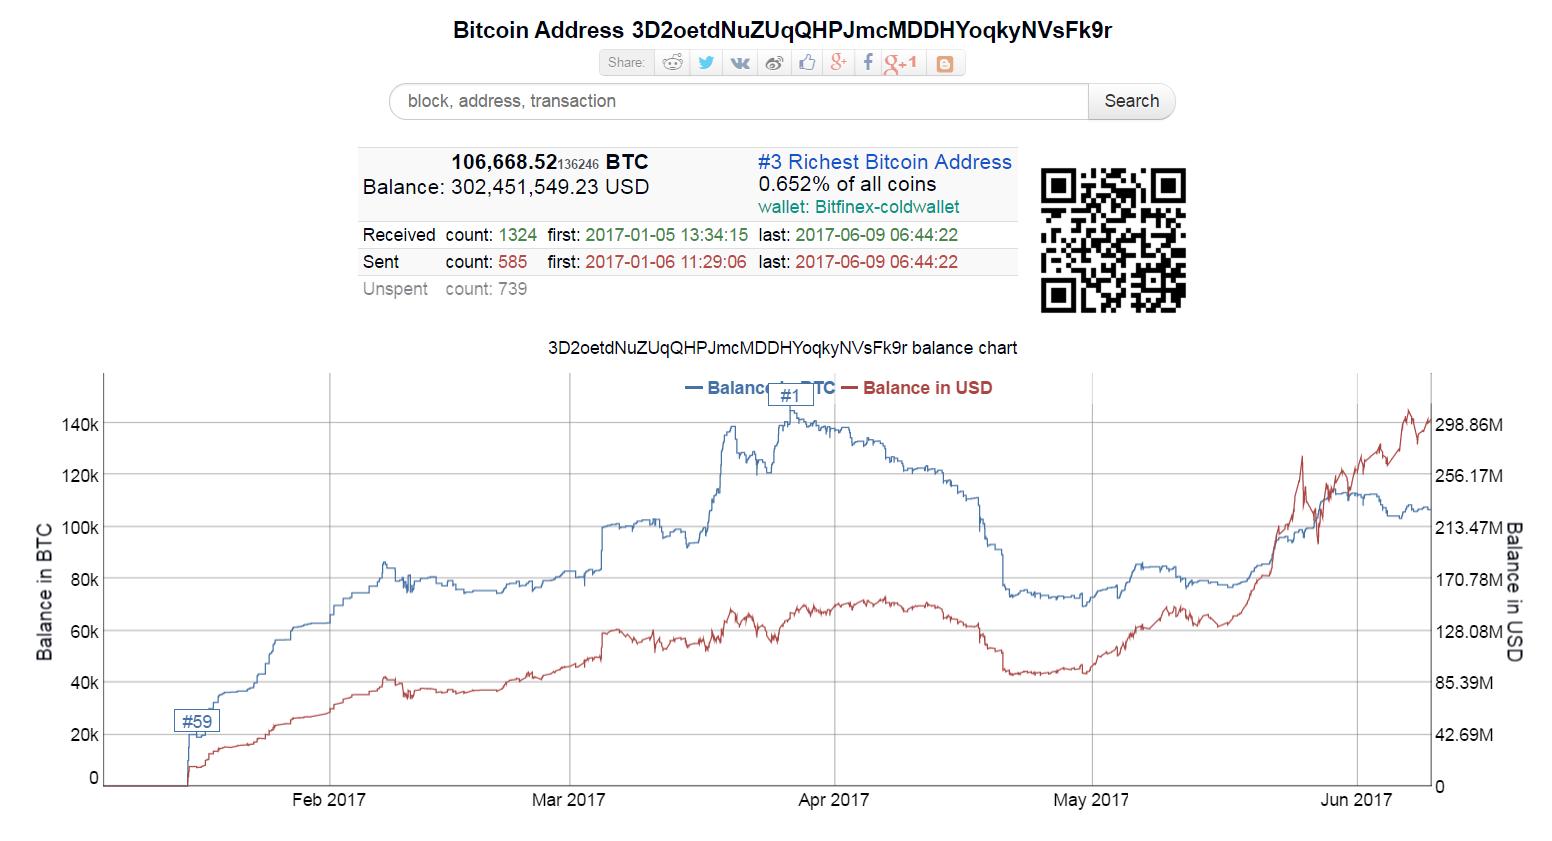 Bitcoin Balance Chart, January 2017 - June 2017